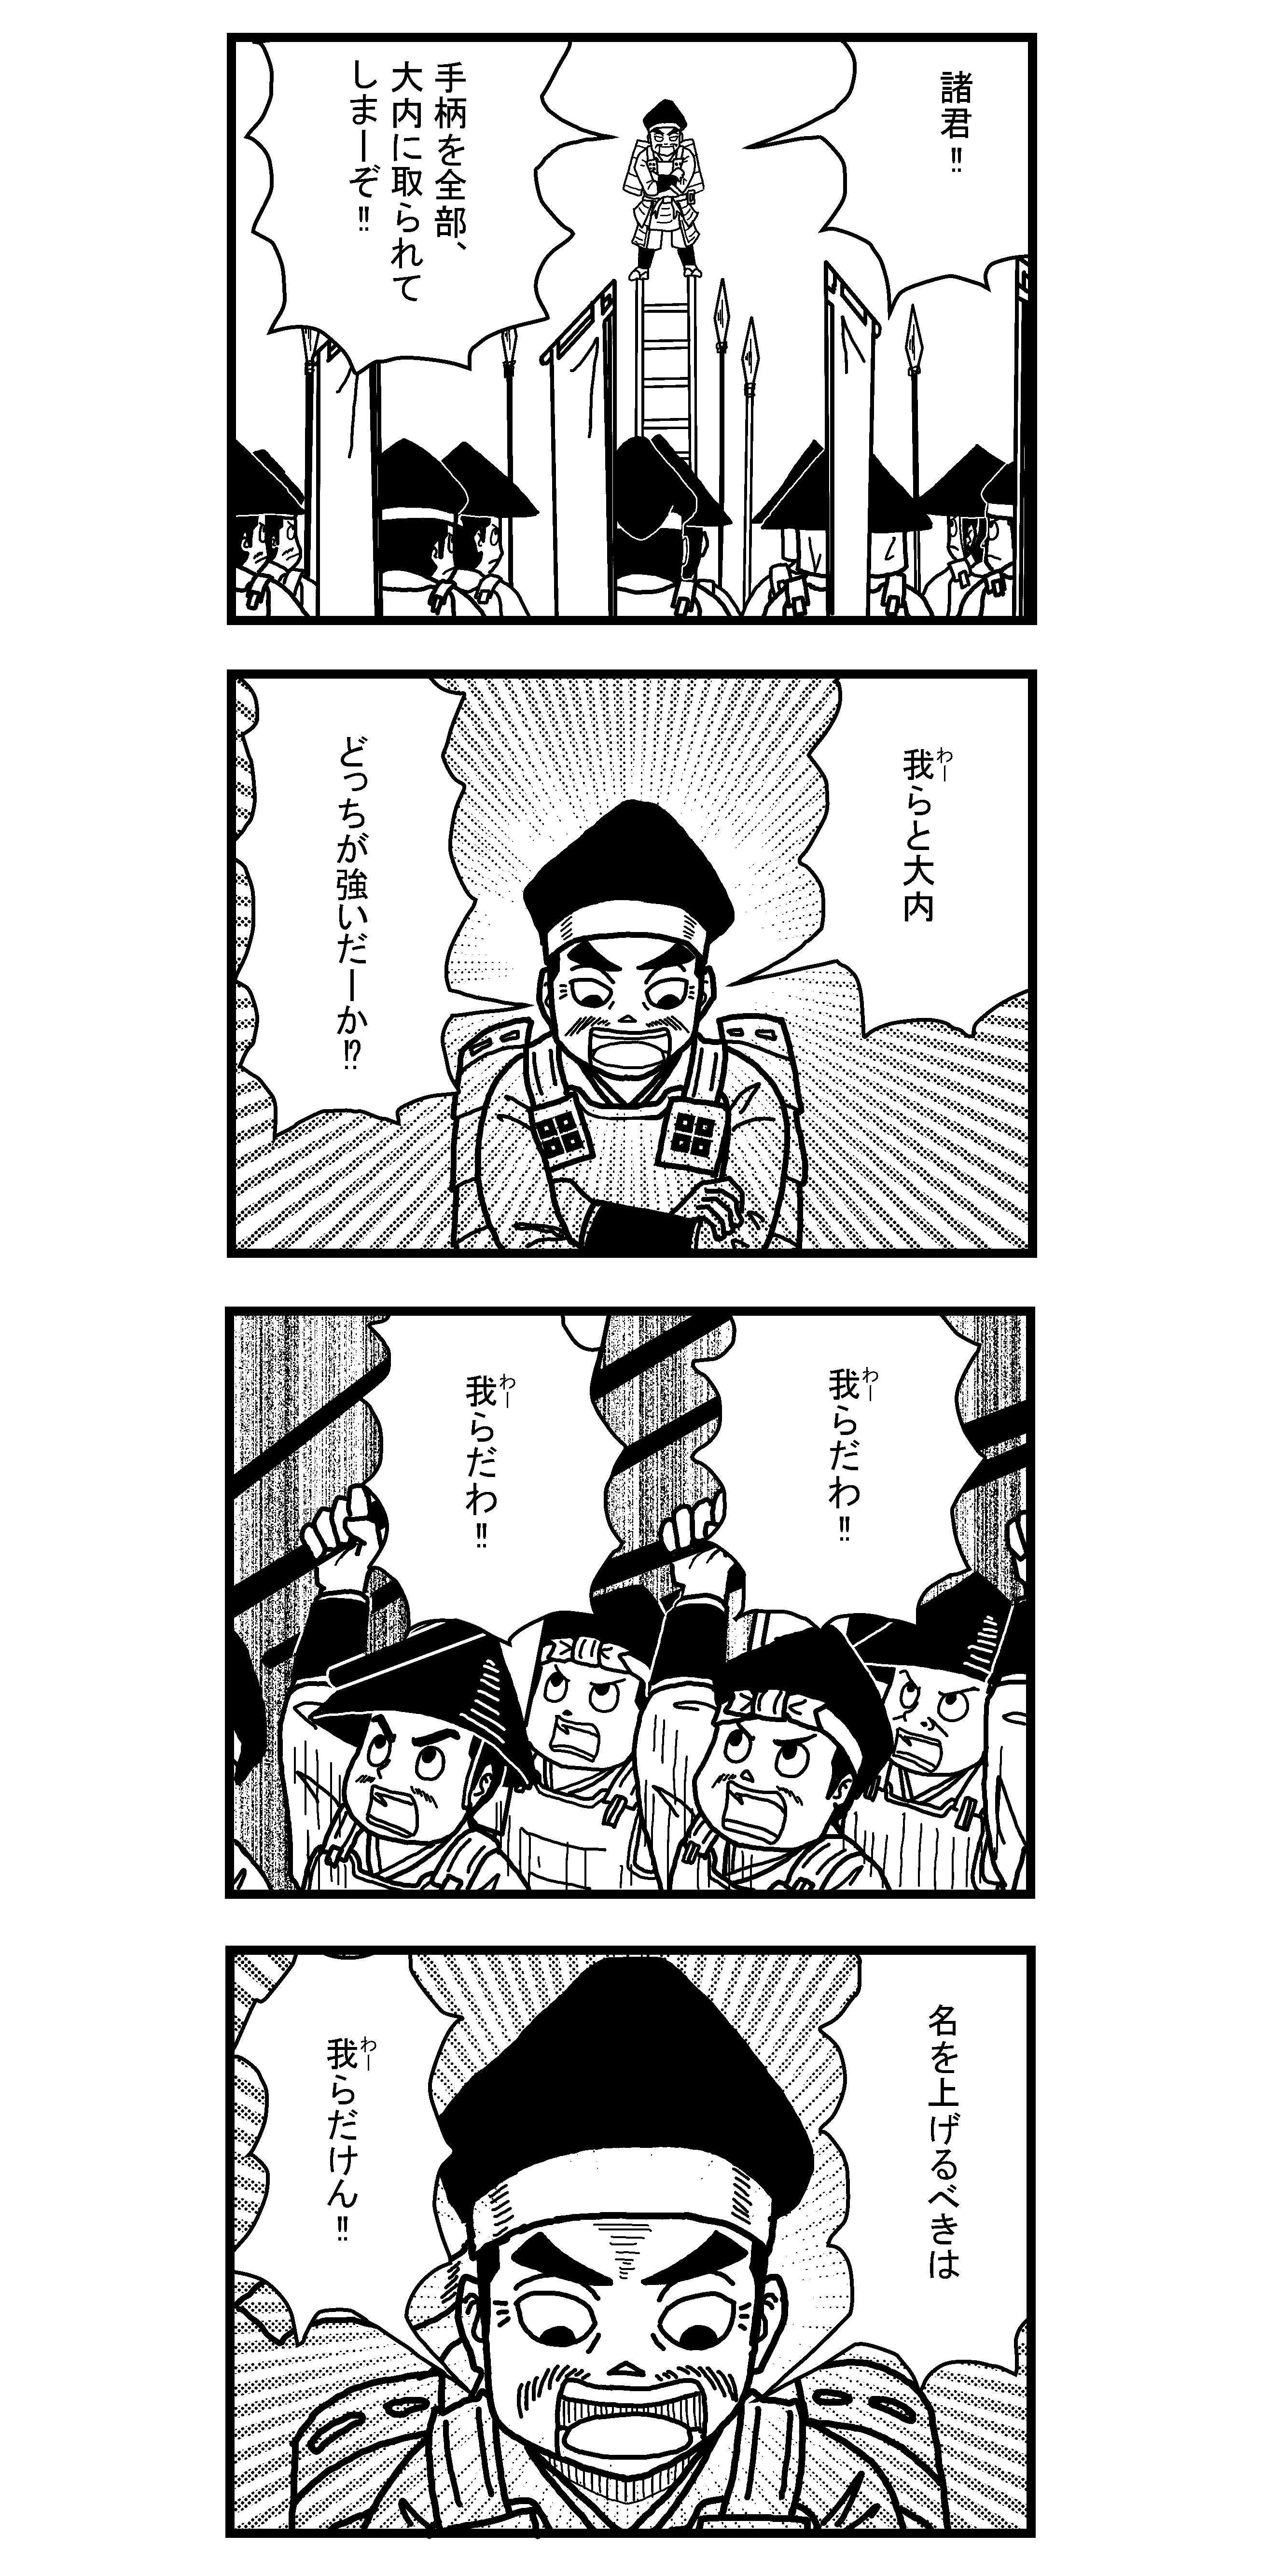 毛利元就の生涯107 - コピー (2)